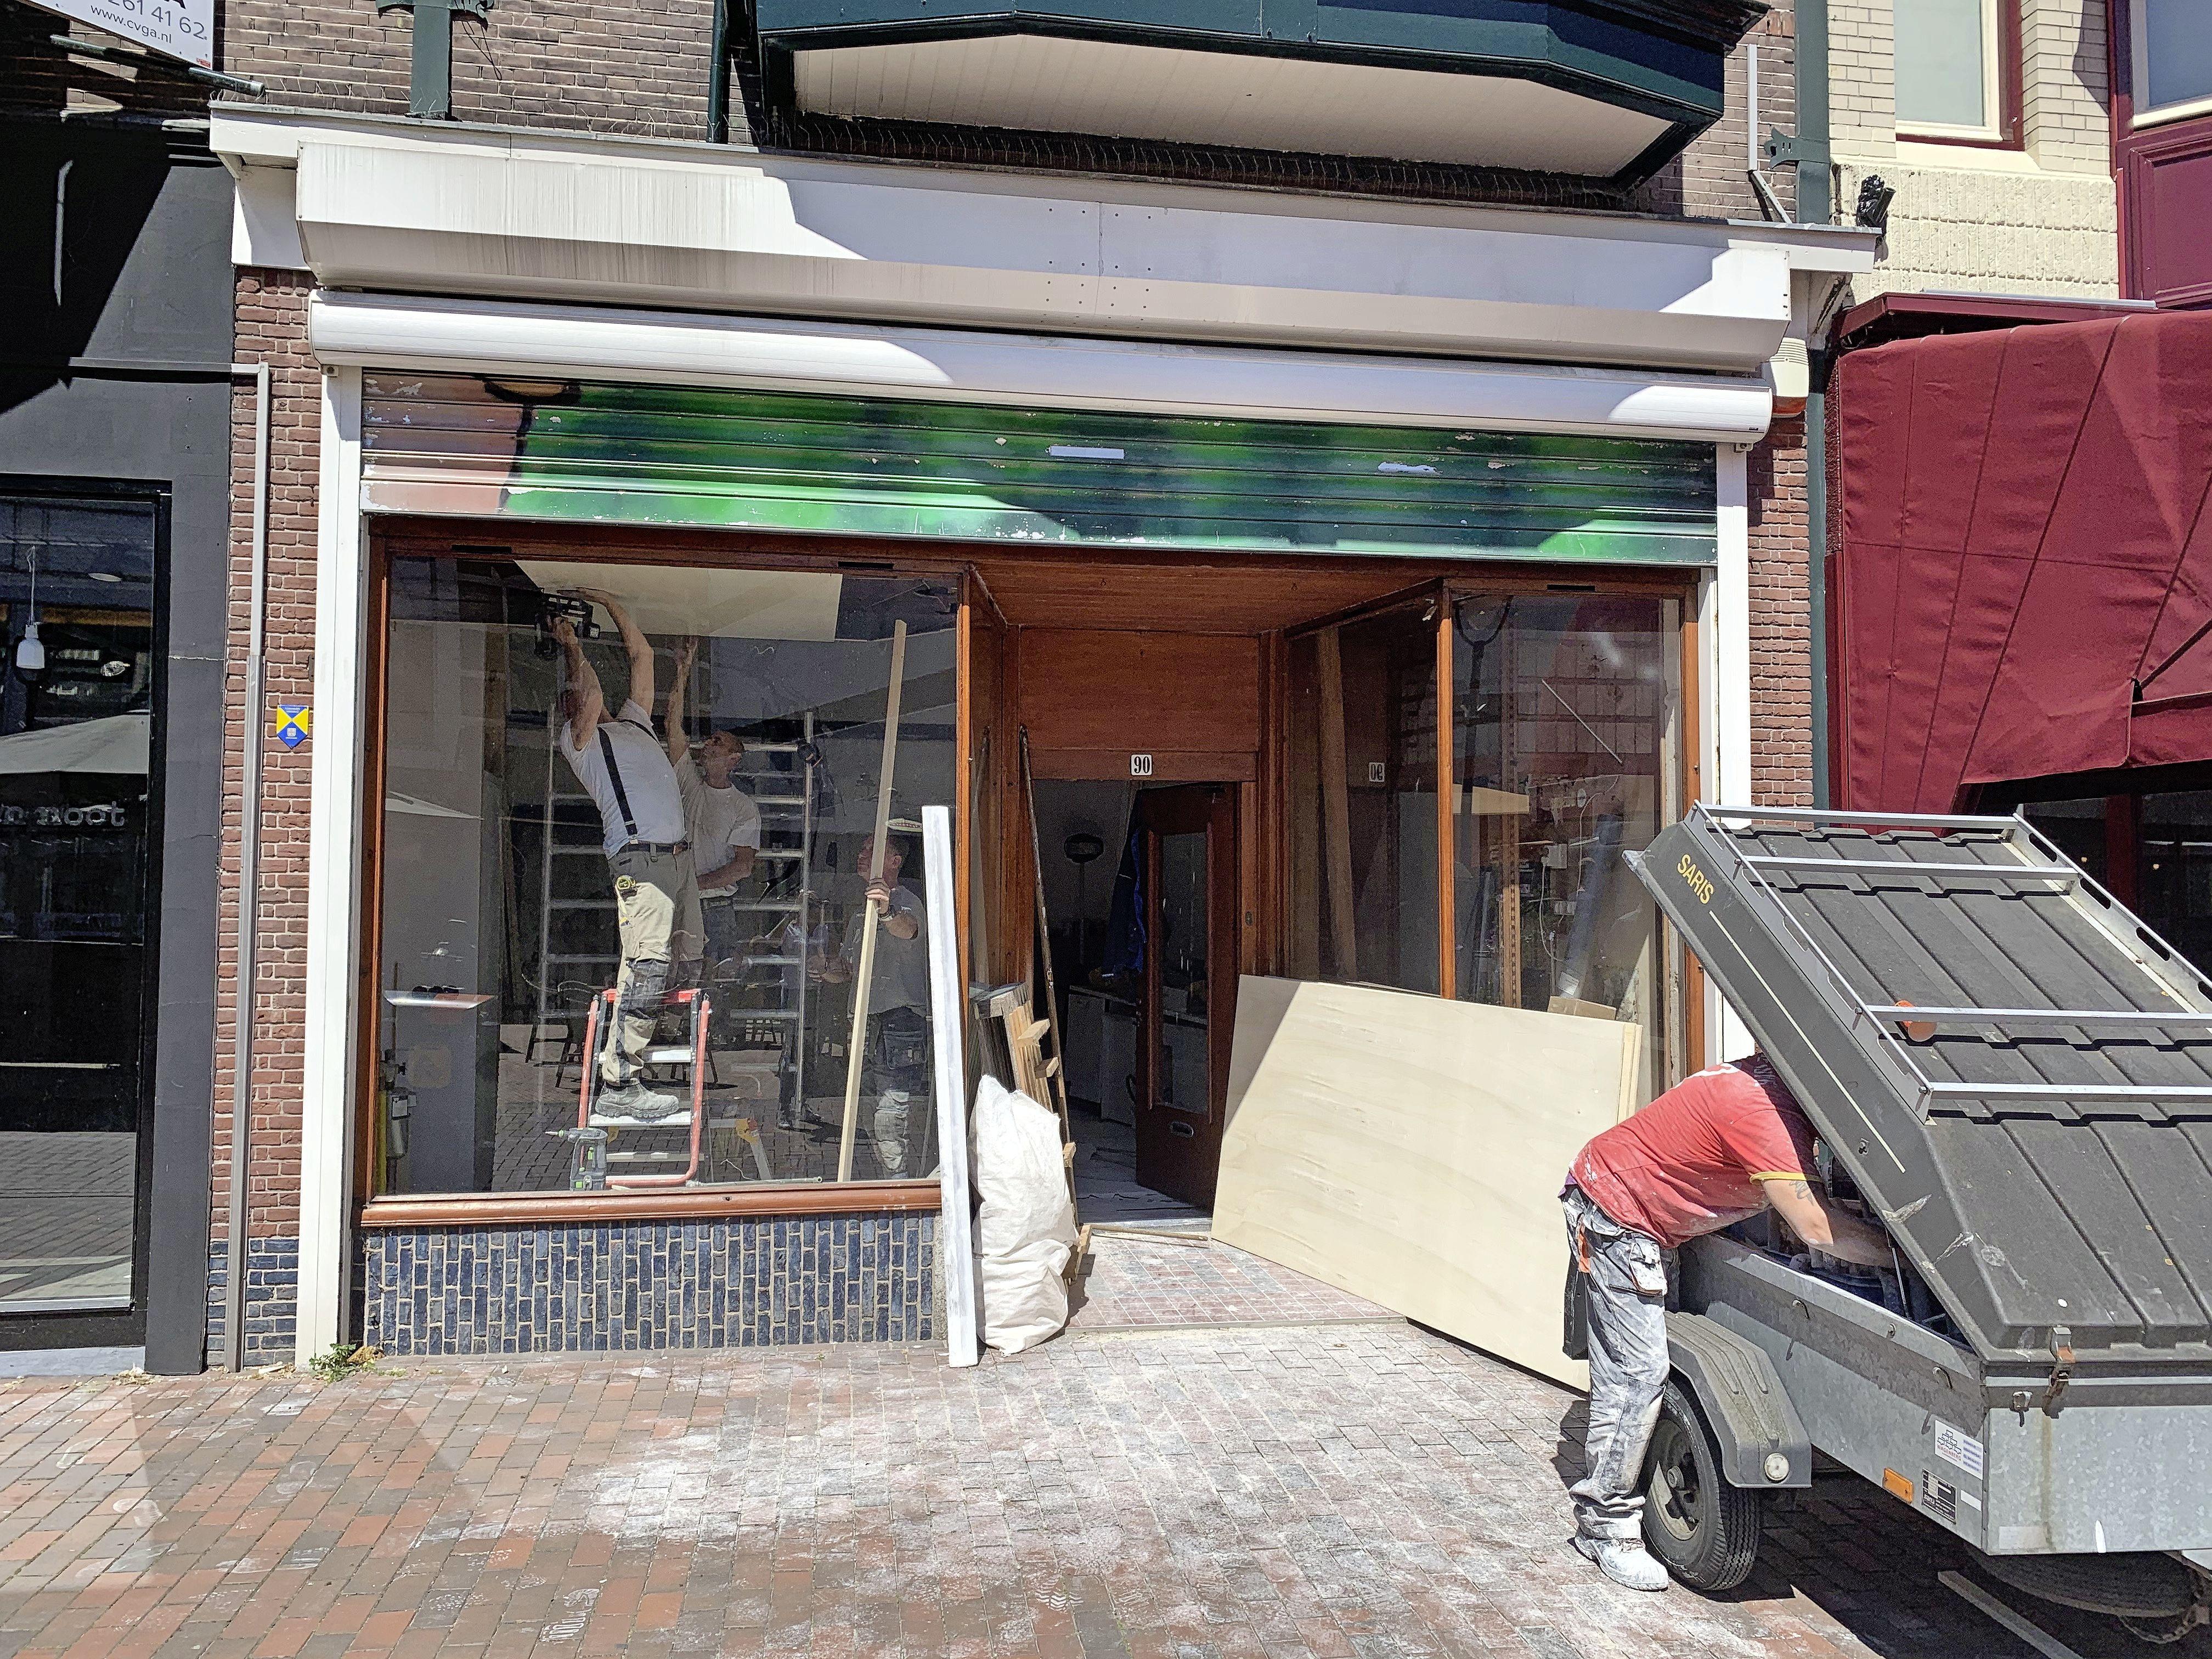 Eindelijk een nieuwe bestemming voor het pand van juwelier Renou in Hilversum. Verbouwing tot modewinkel en drie appartementen